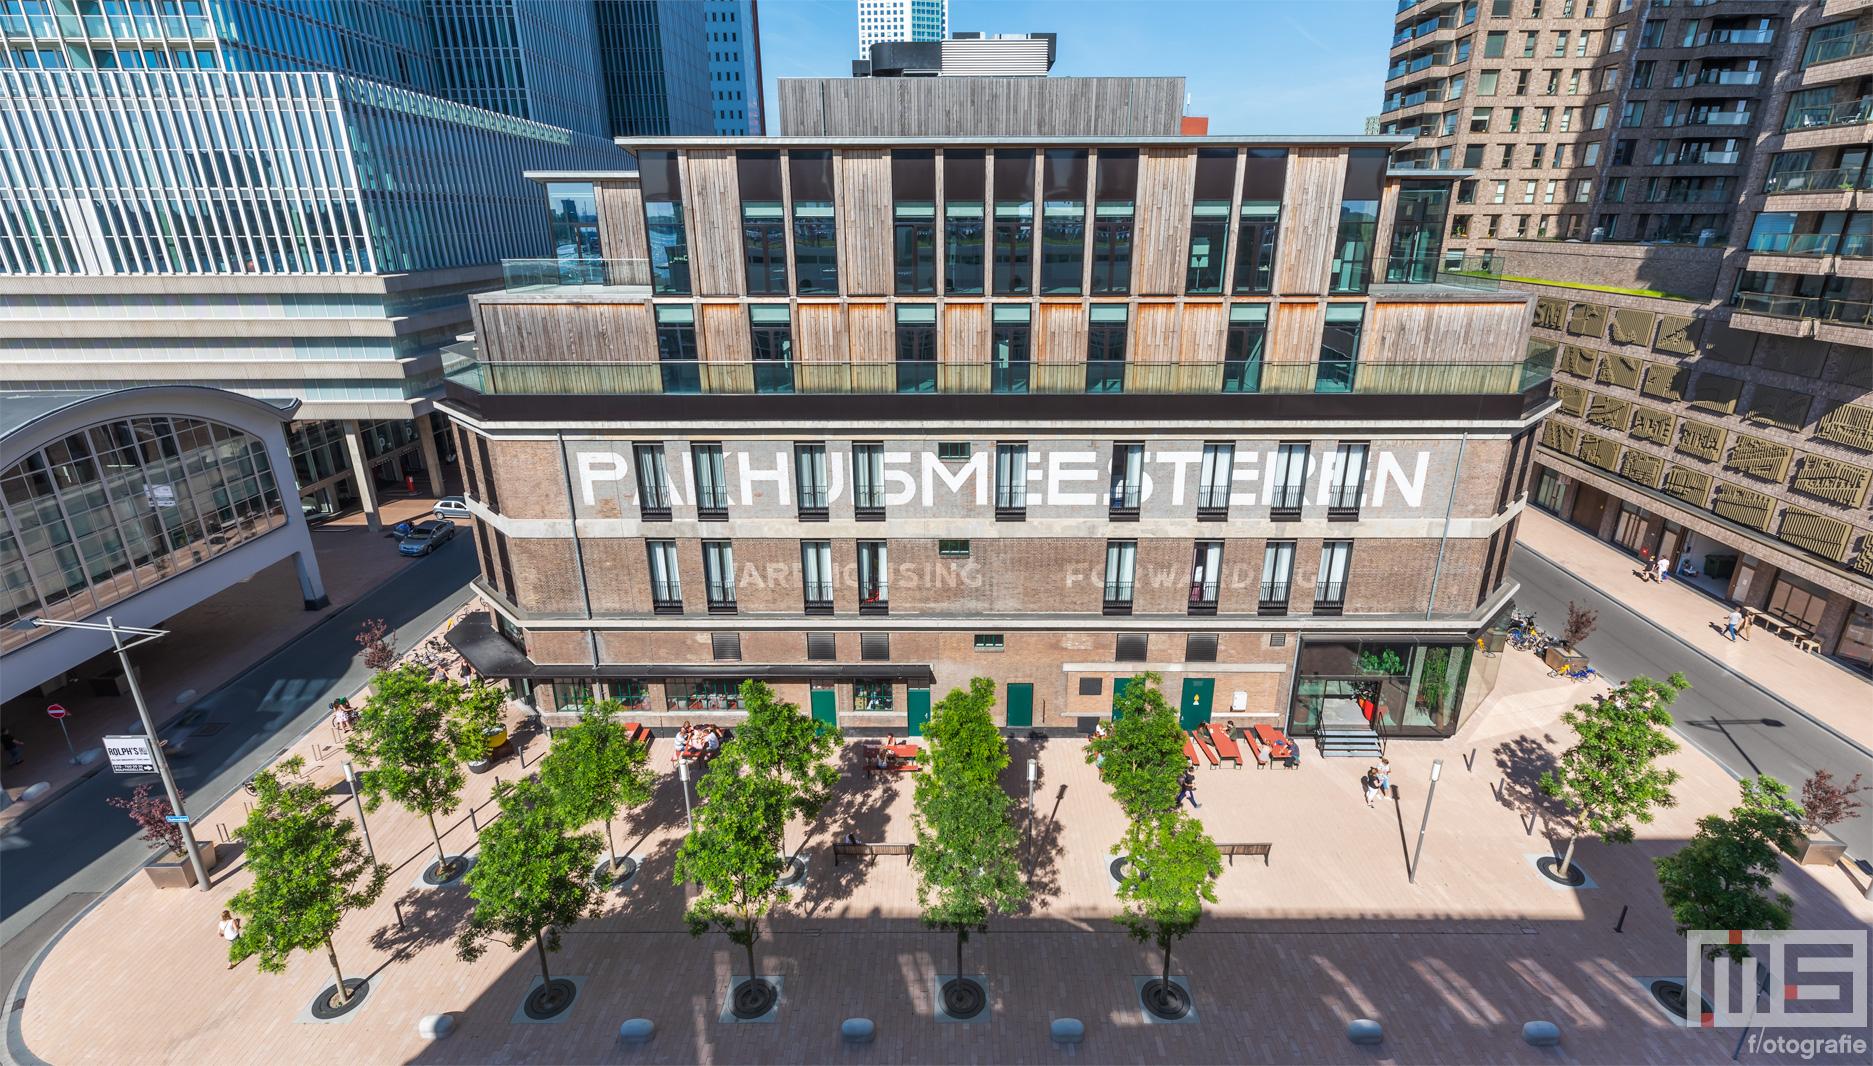 Rotterdamse Dakendagen 2019 - Je kan het dak op! Cover